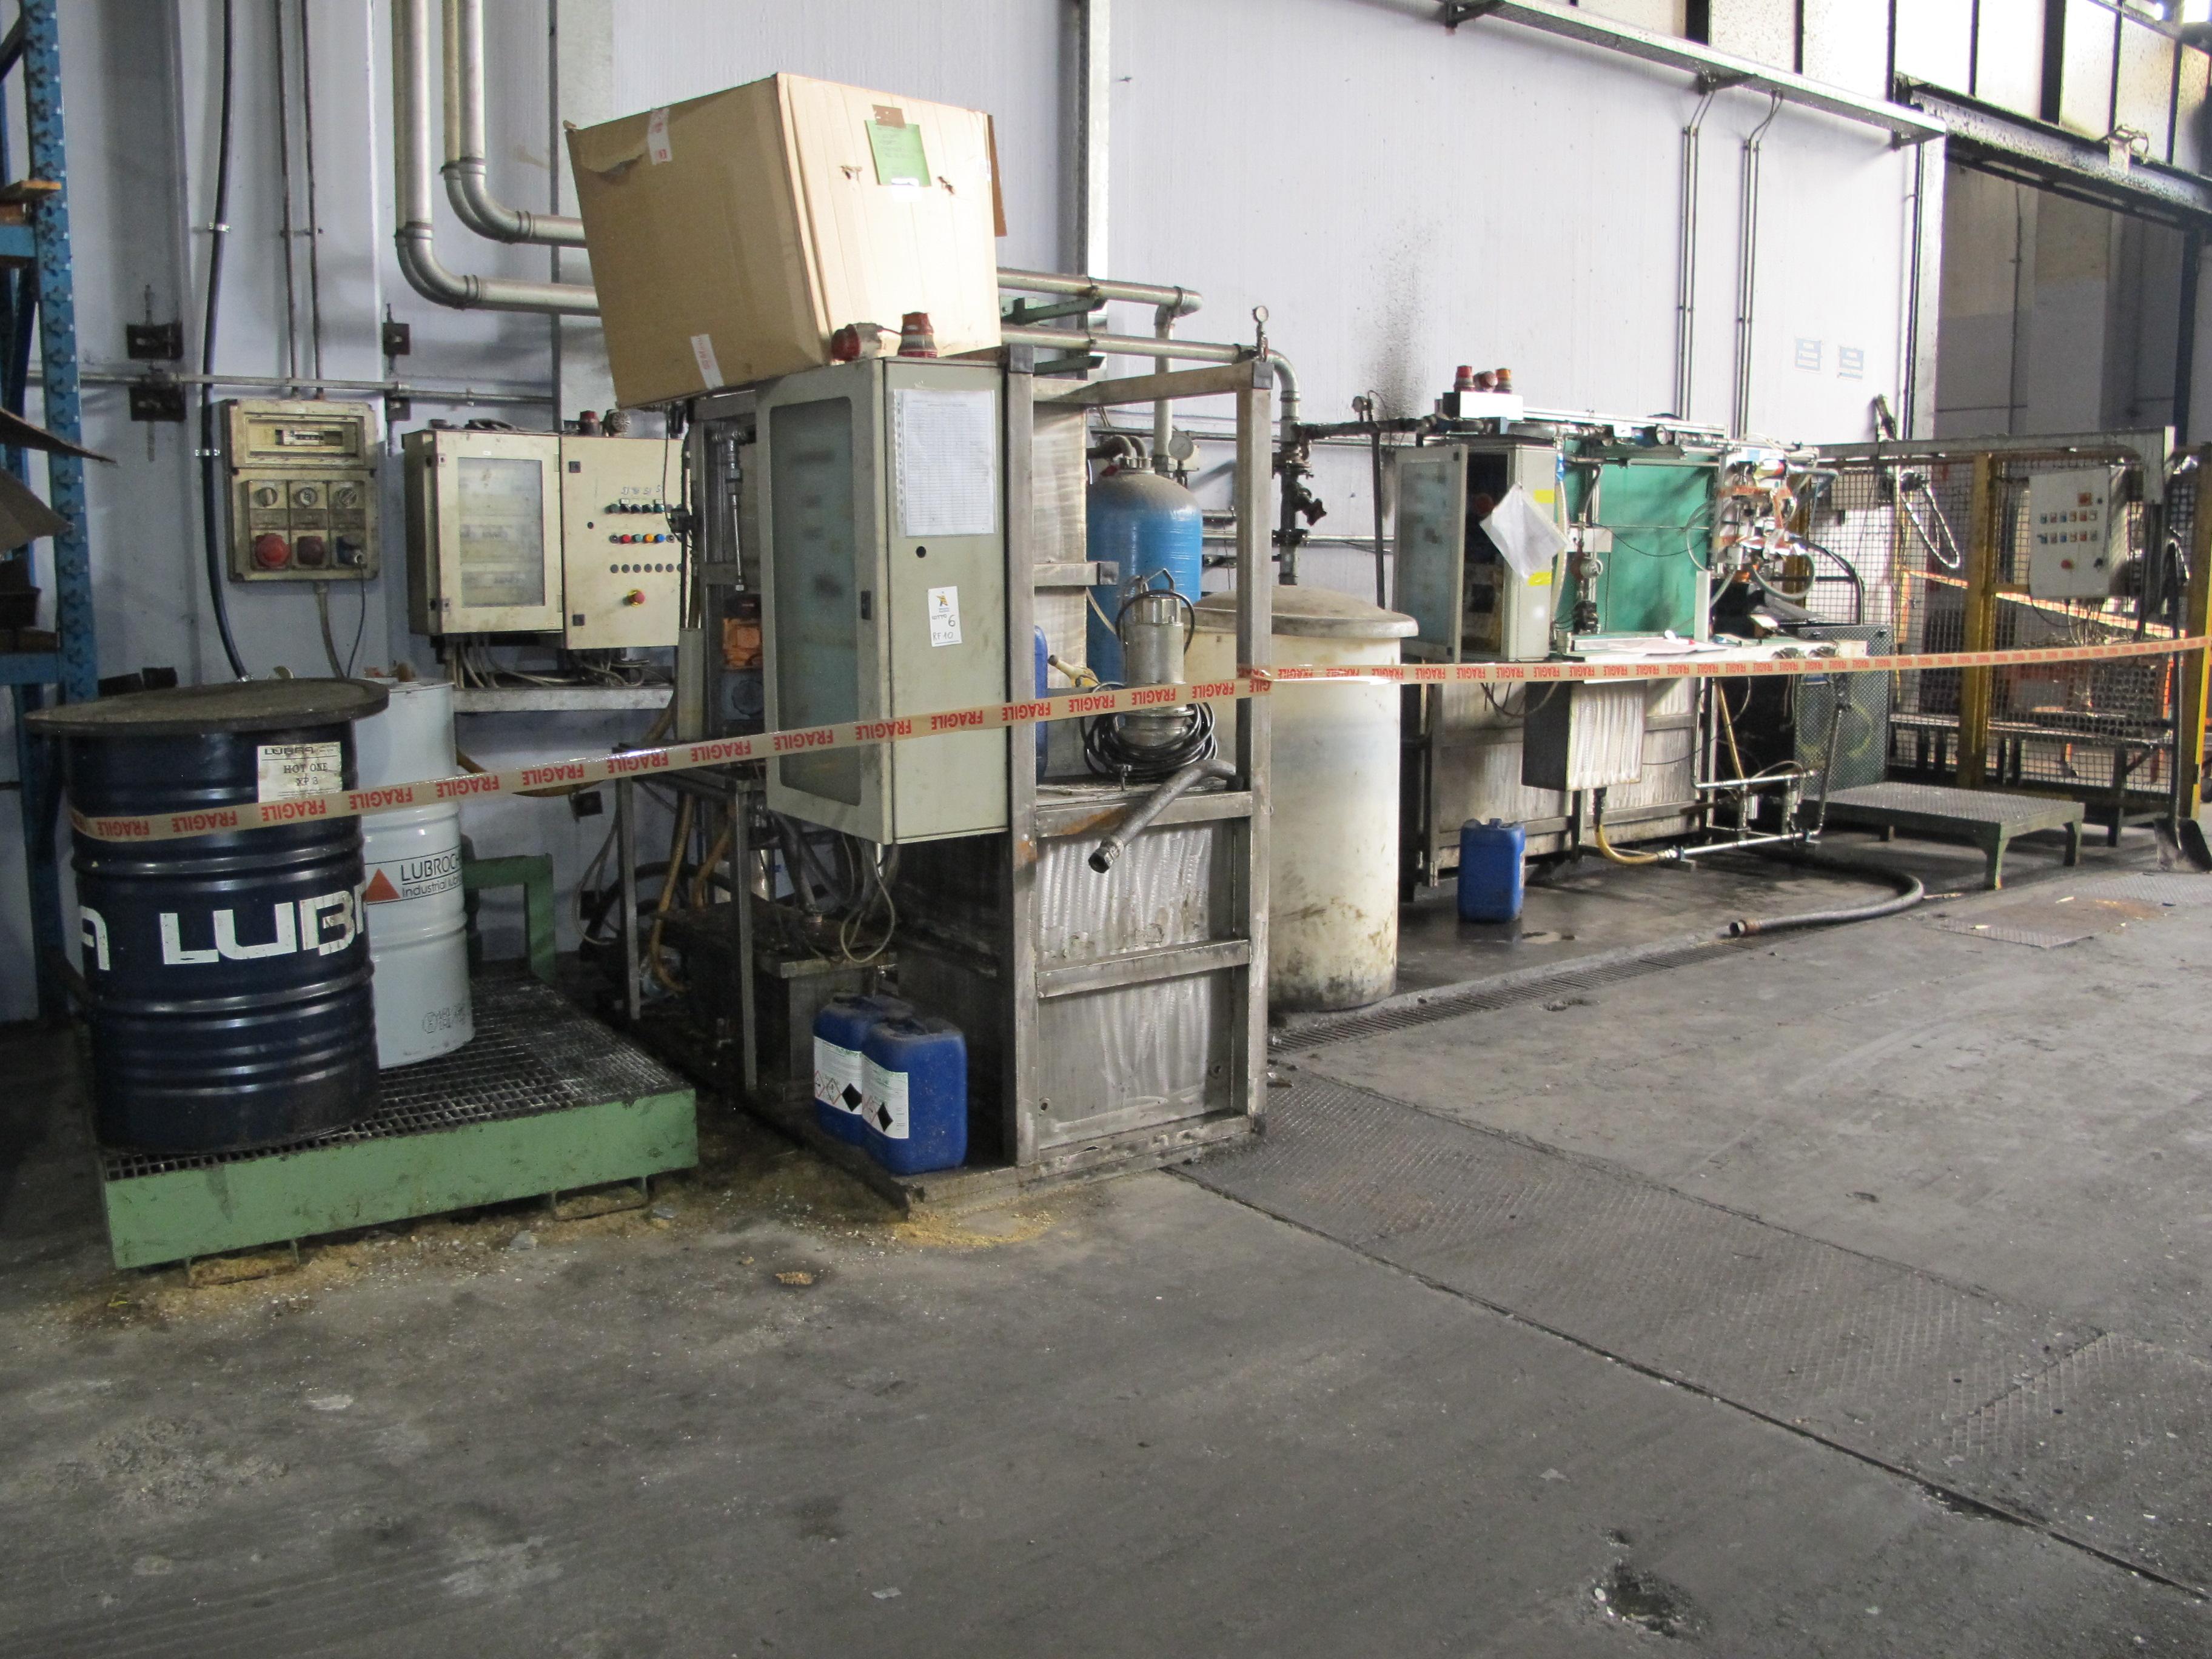 Impianto distaccante Fluydinamic in vendita - foto 2